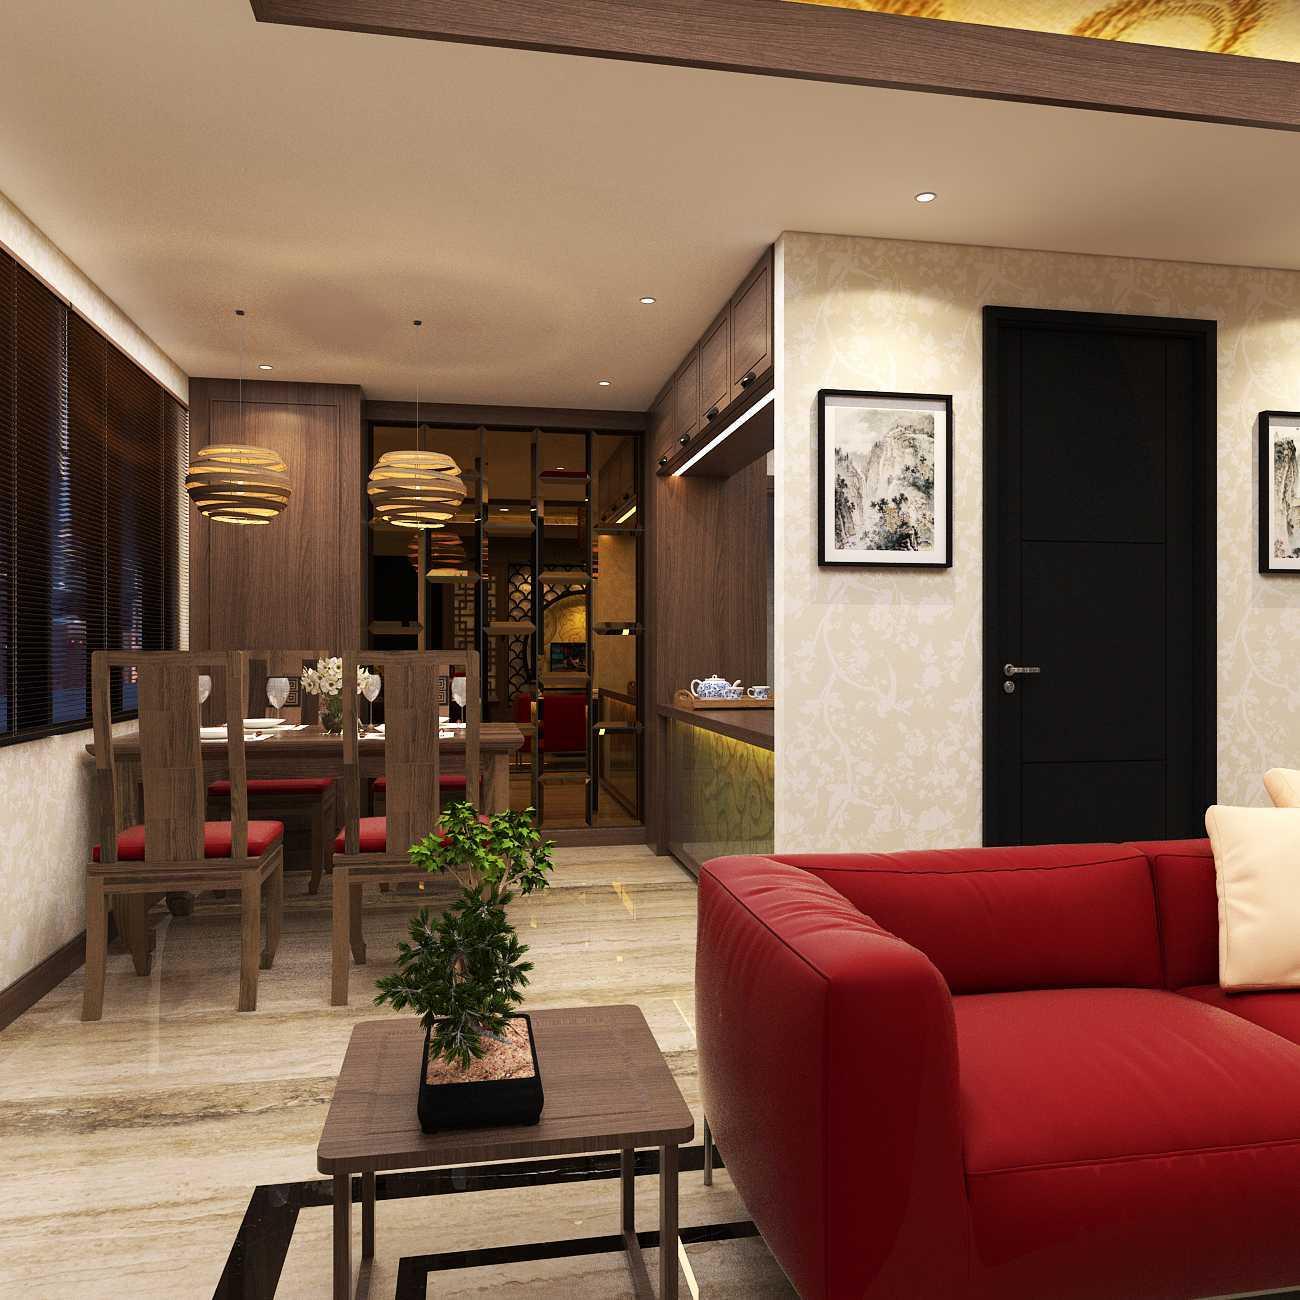 Foto inspirasi ide desain ruang makan asian Asian house hegarmanah - dining room oleh D-CreArt Design di Arsitag